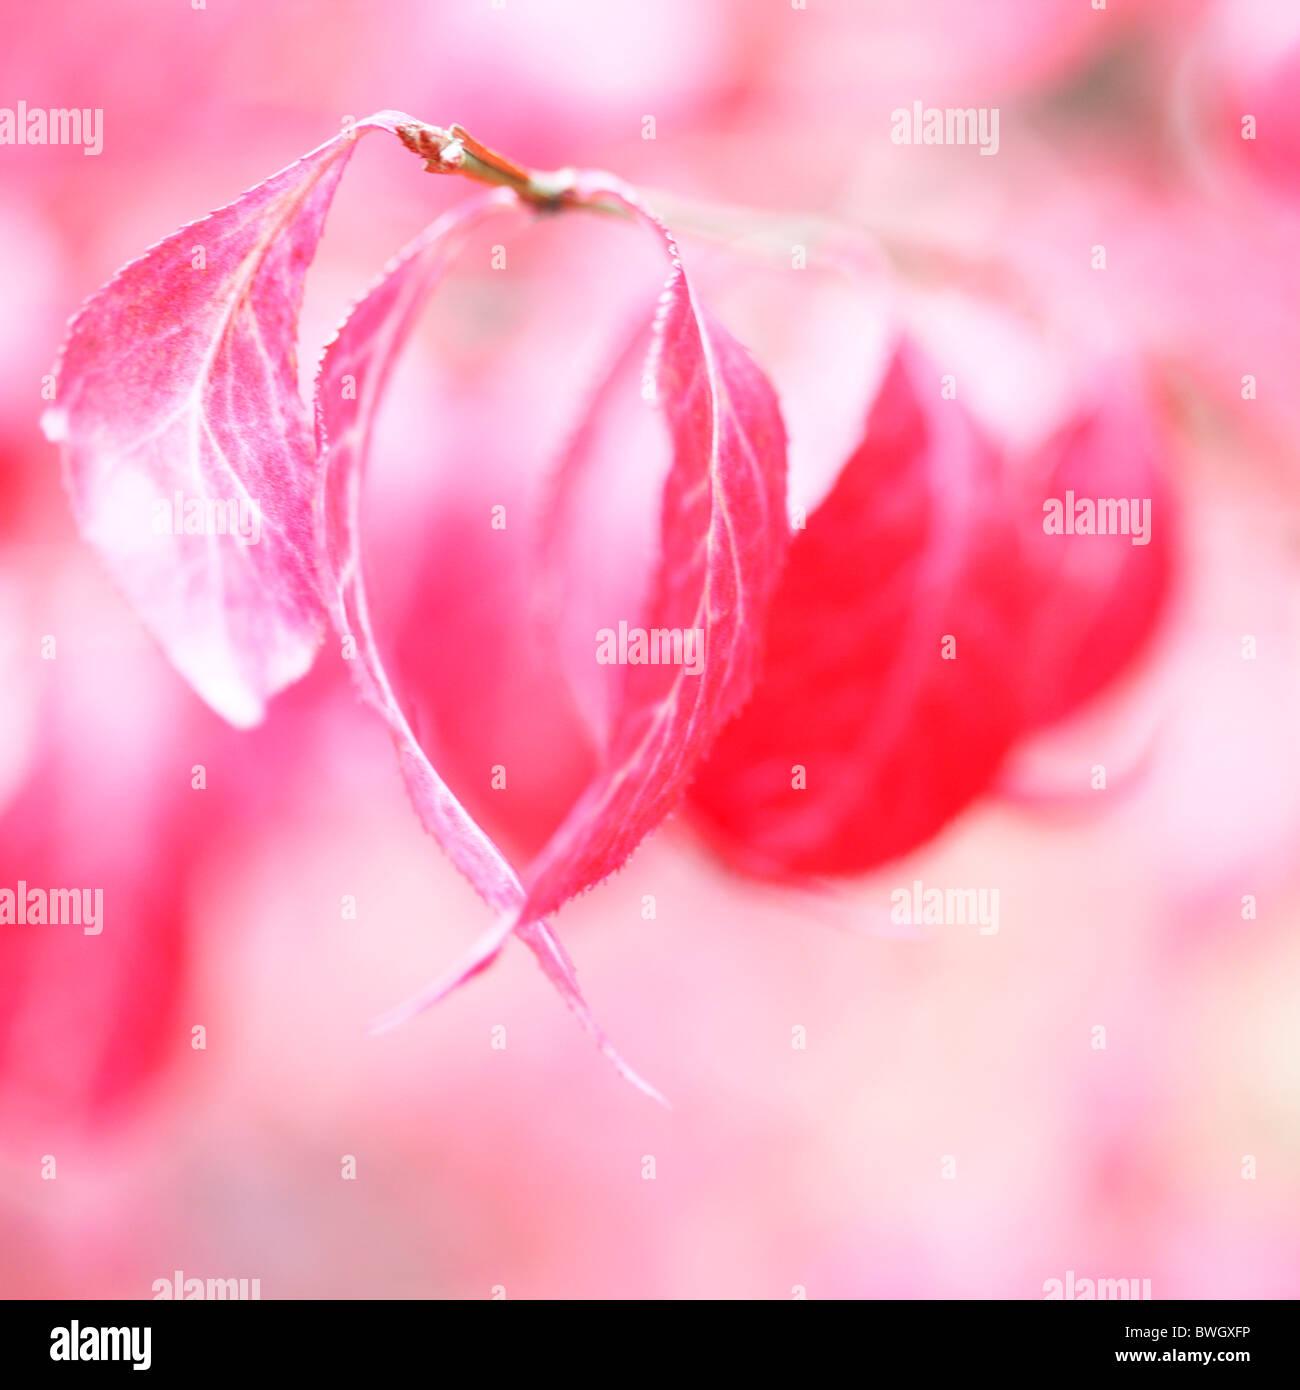 schönen Herbstlaub roten von Euonymus Alatus Bush - Fine Art-Fotografie, Jane Ann Butler Fotografie JABP945 RIGHTS Stockfoto